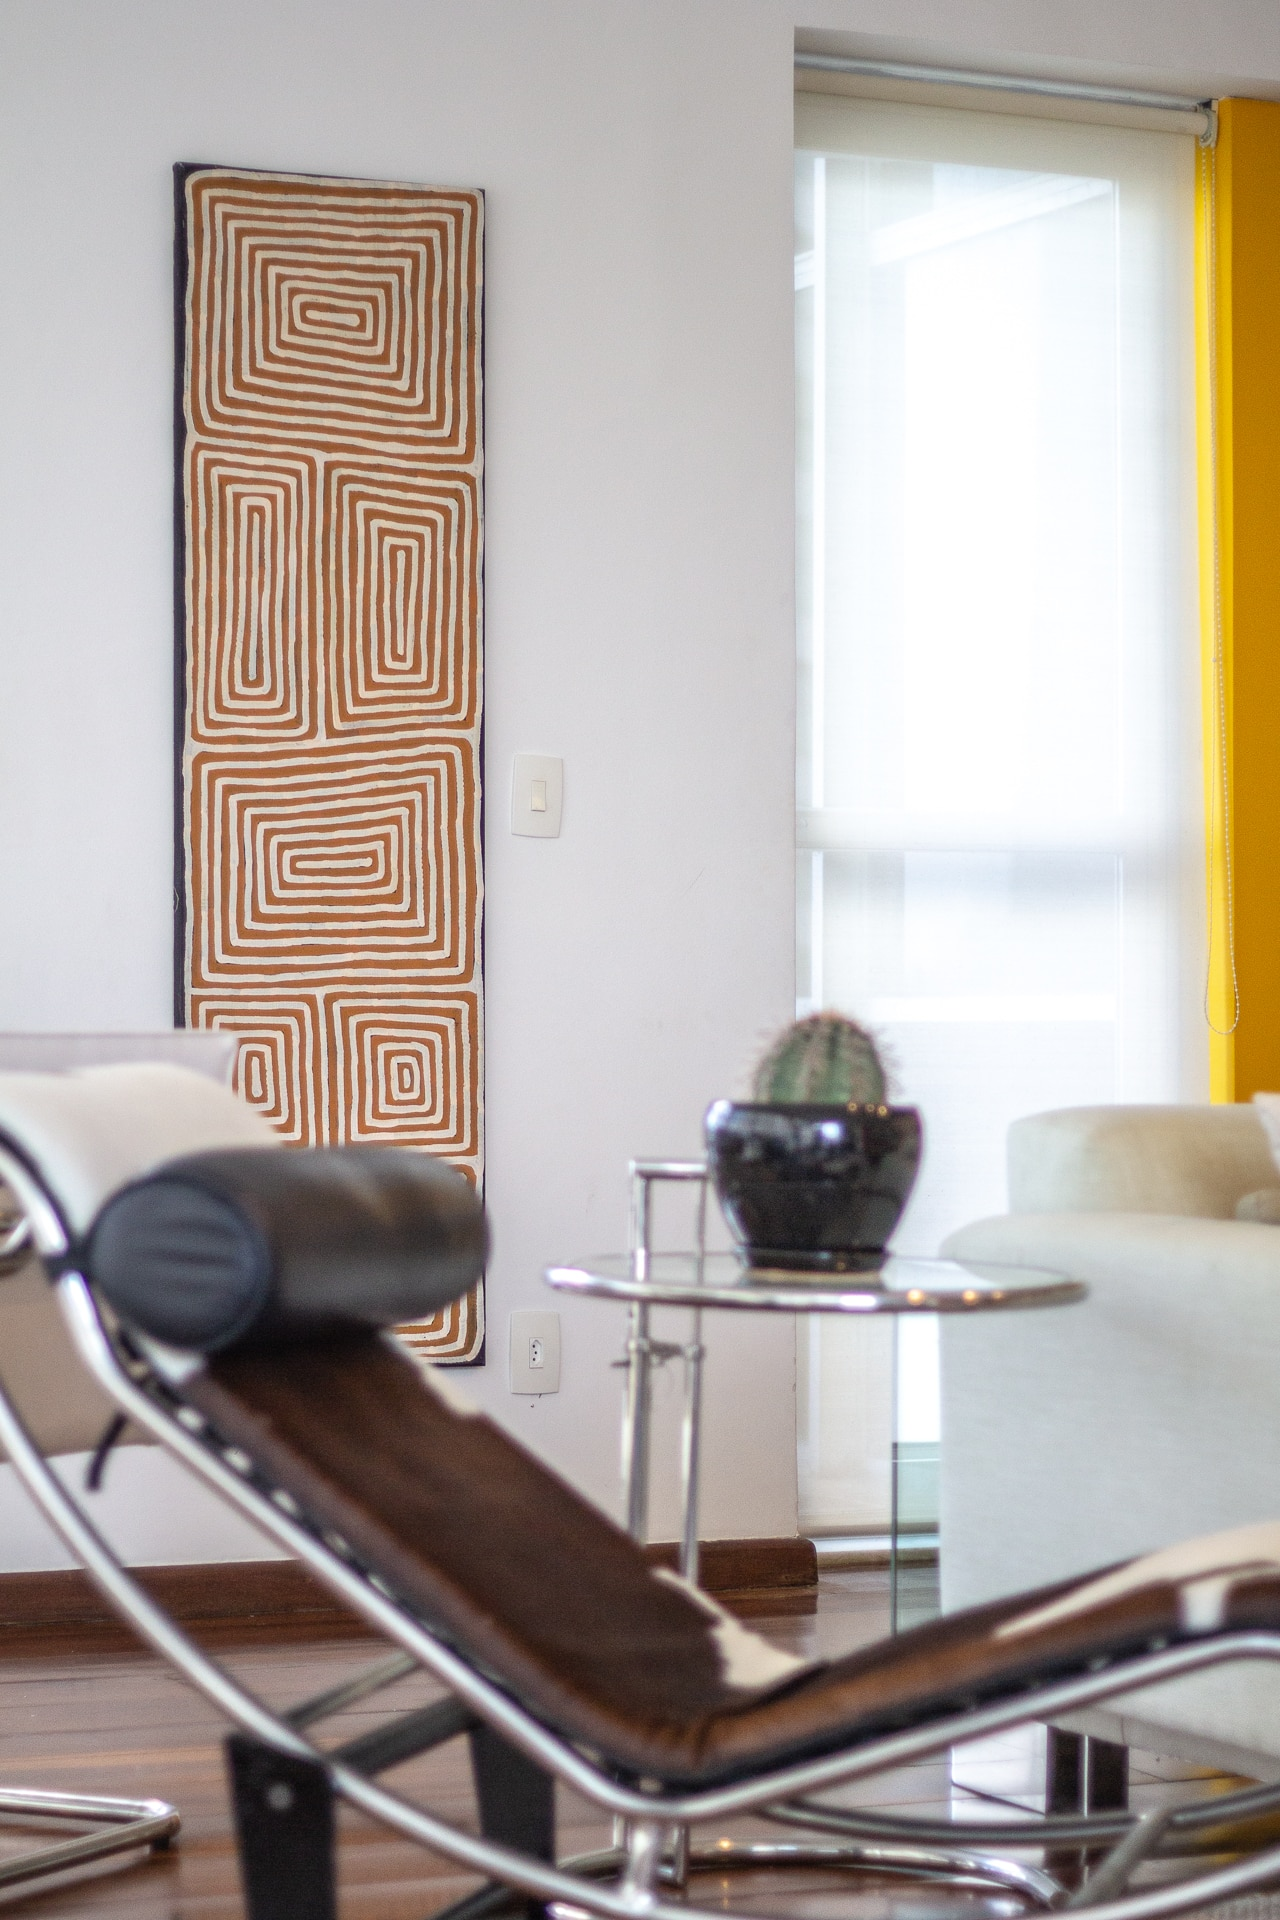 20180609 Arte Aborígene  @joão Pedro 5607 - A arte aborígene na arquitetura de interiores